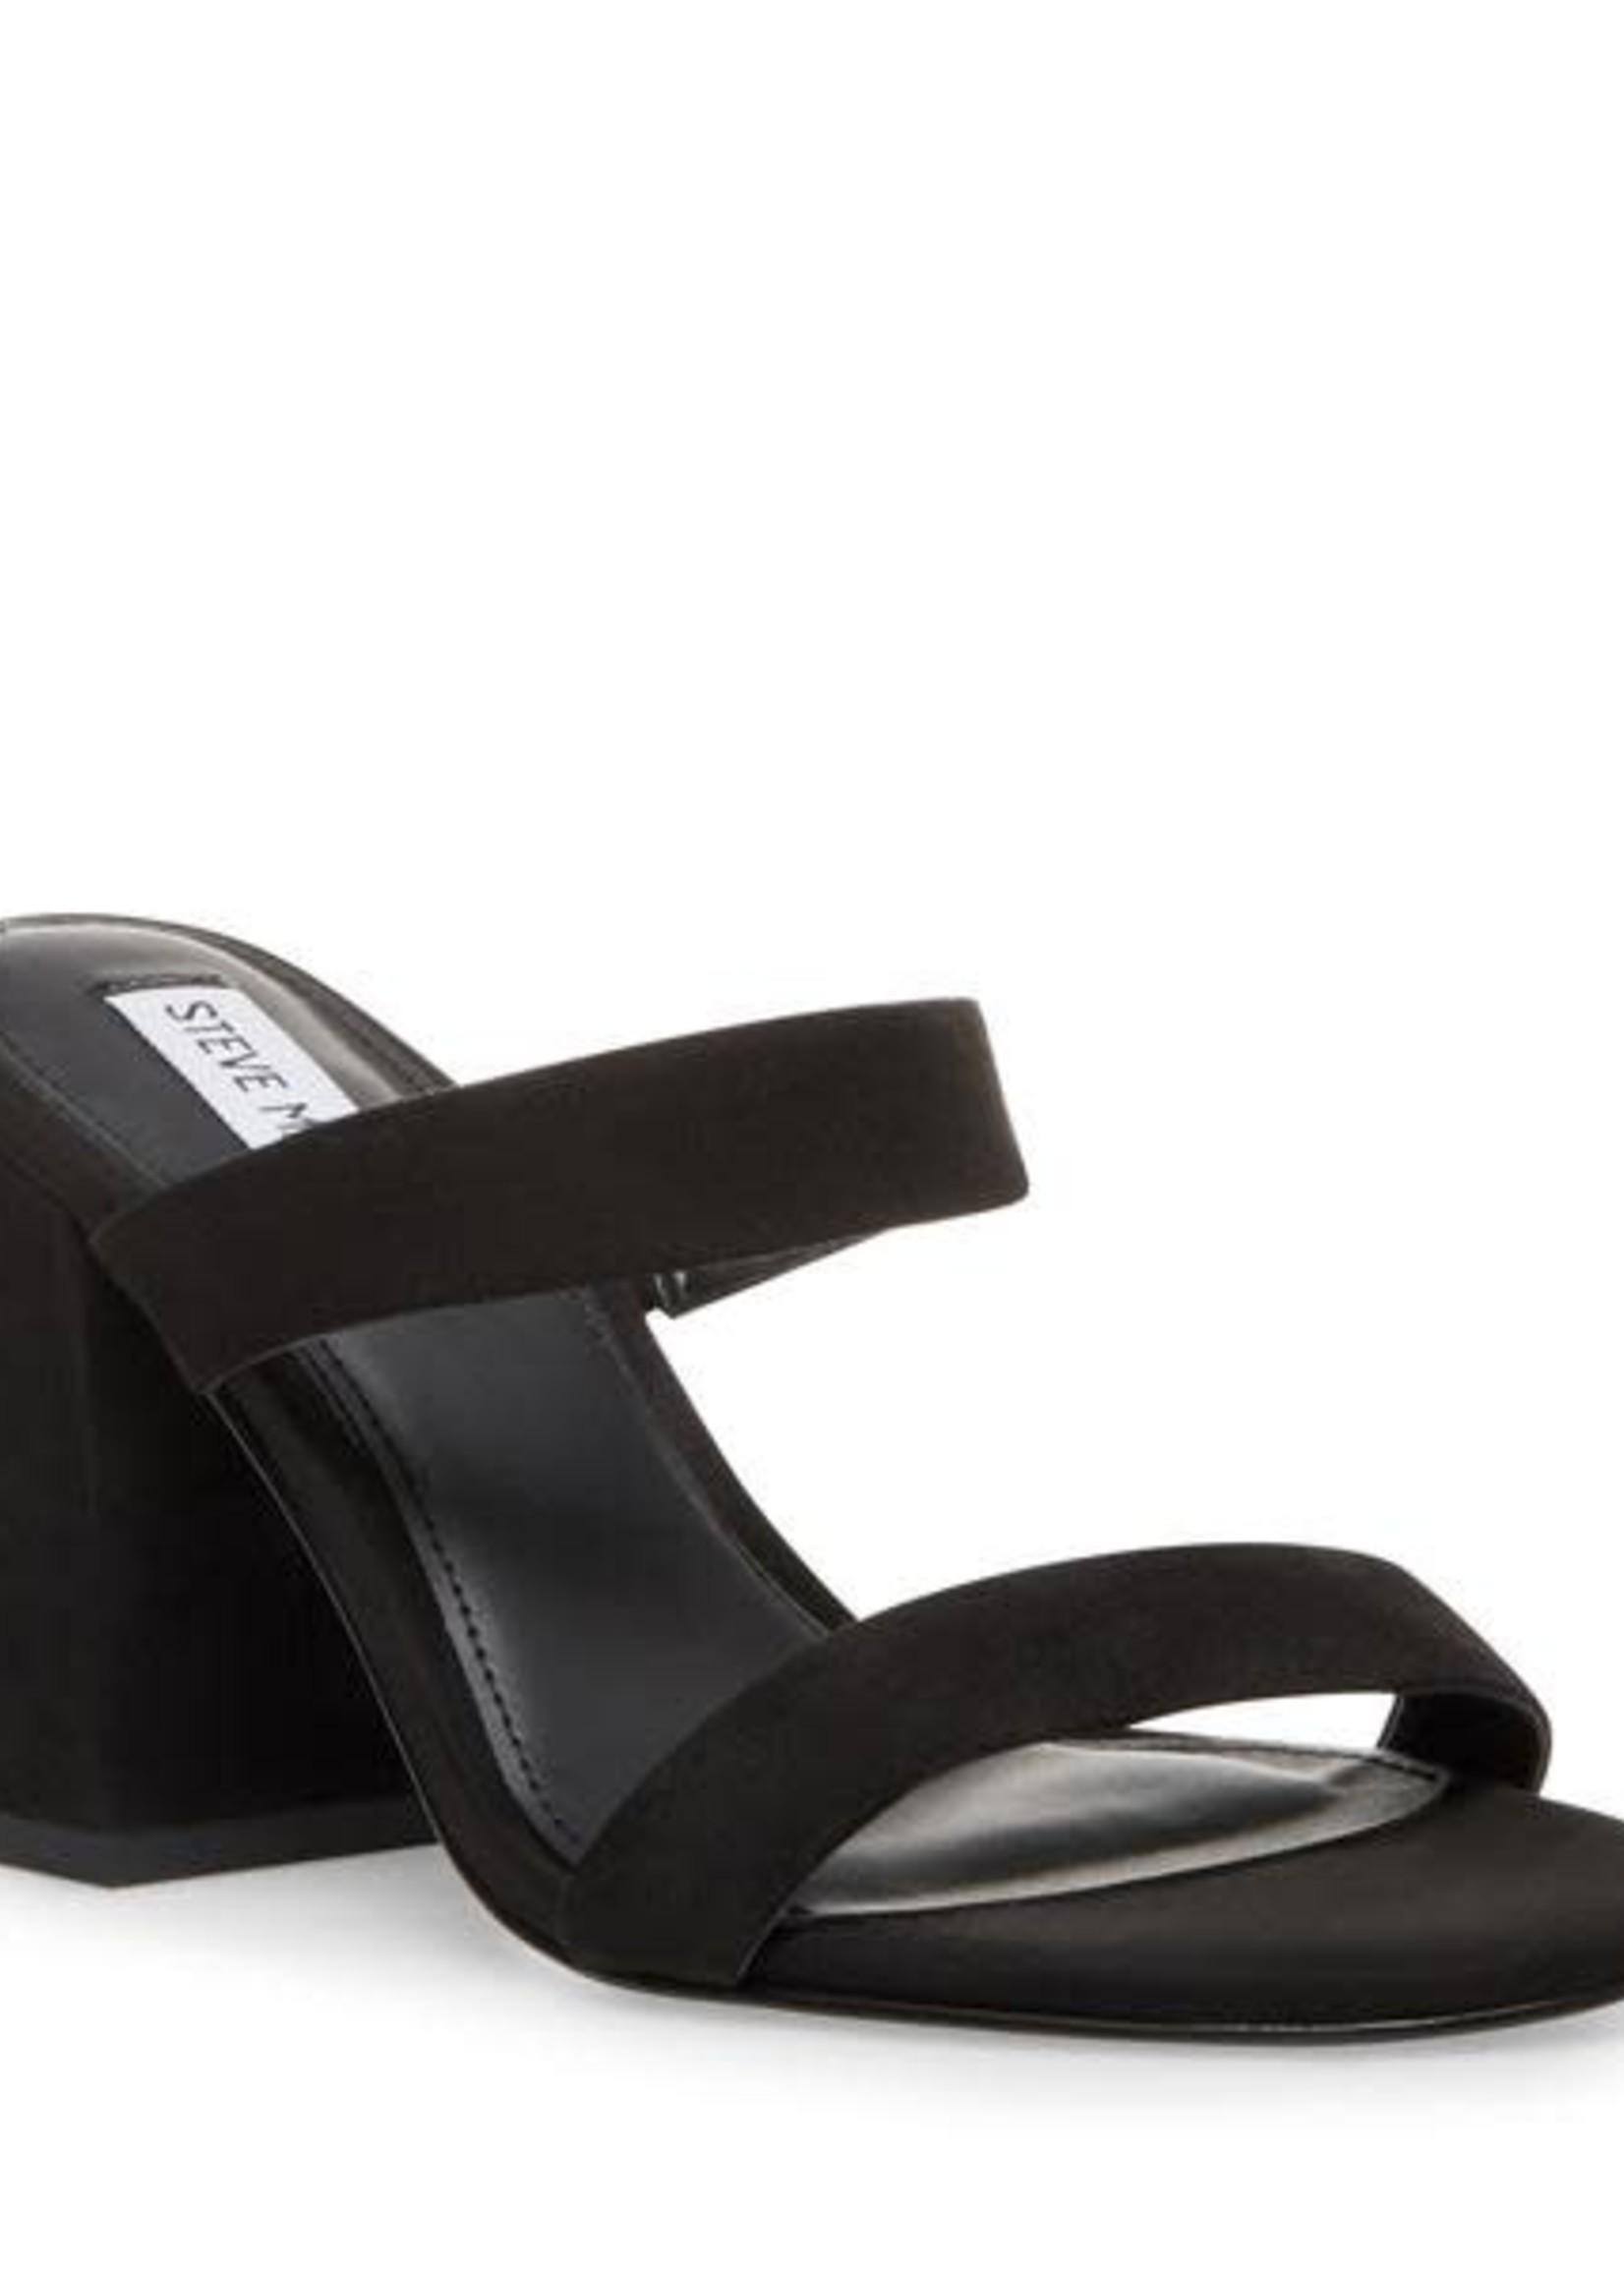 STEVE MADDEN LOUNGE heel